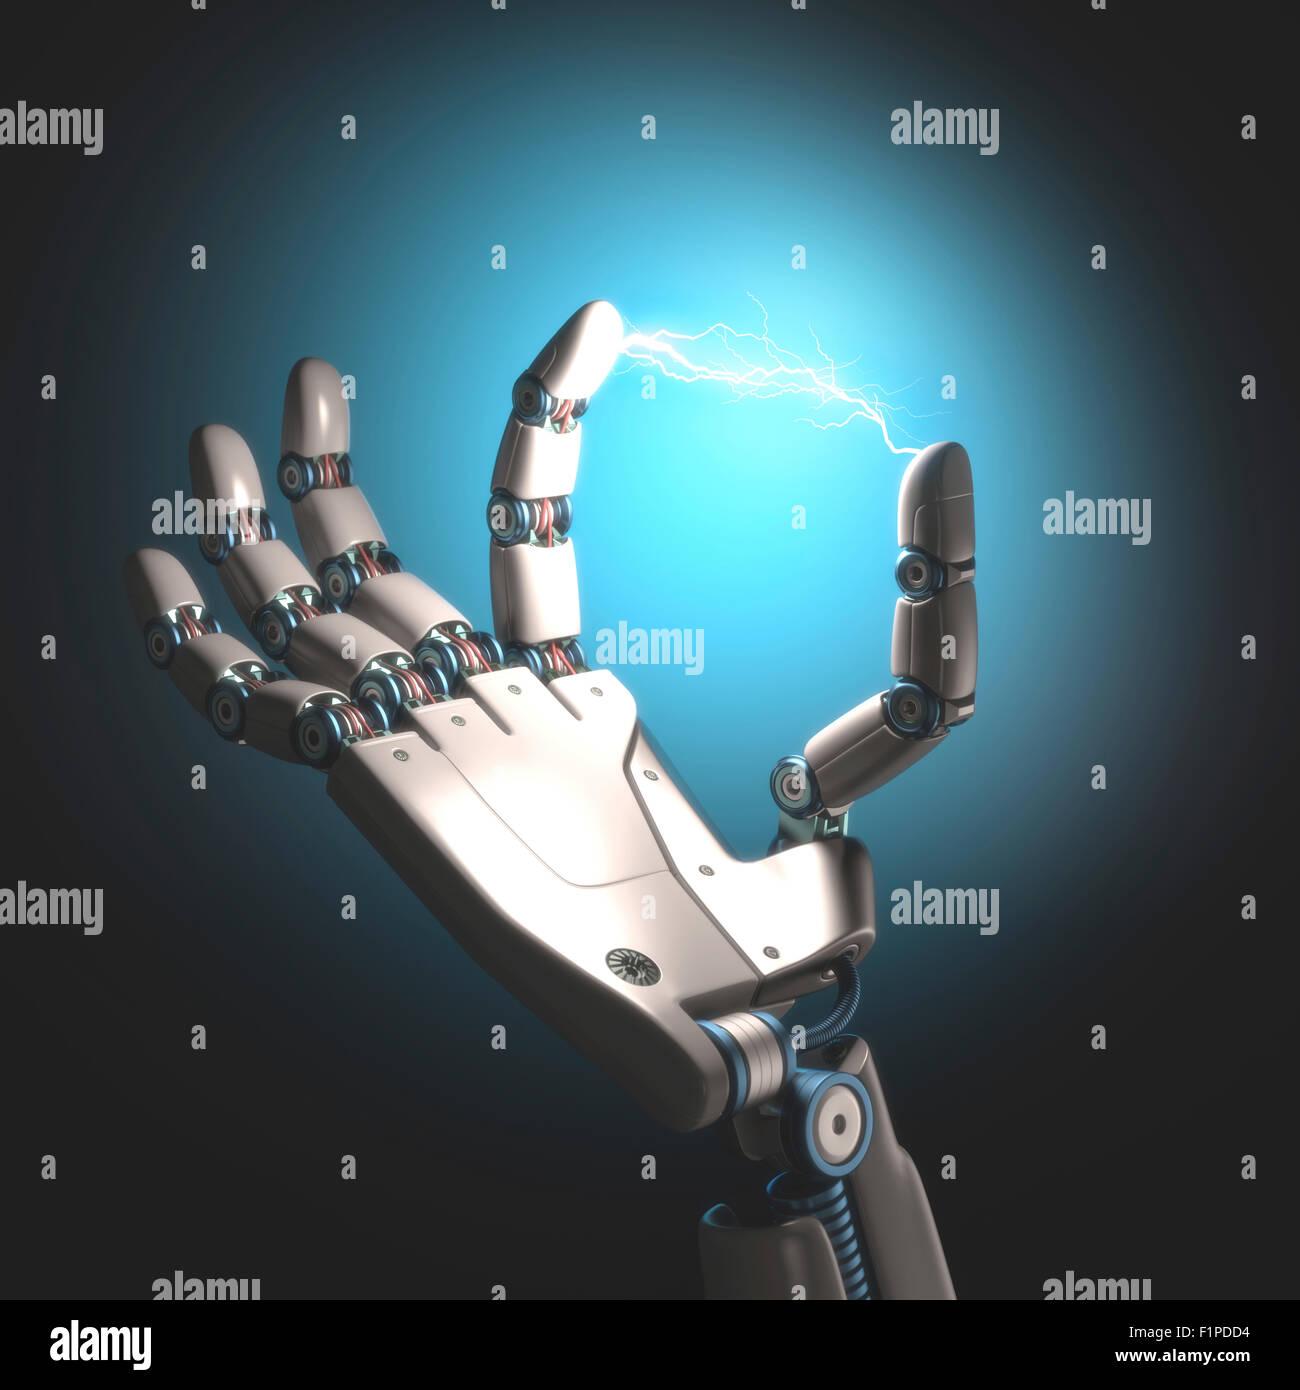 Roboterhand mit Stromanschluss, Computer Bild. Stockbild